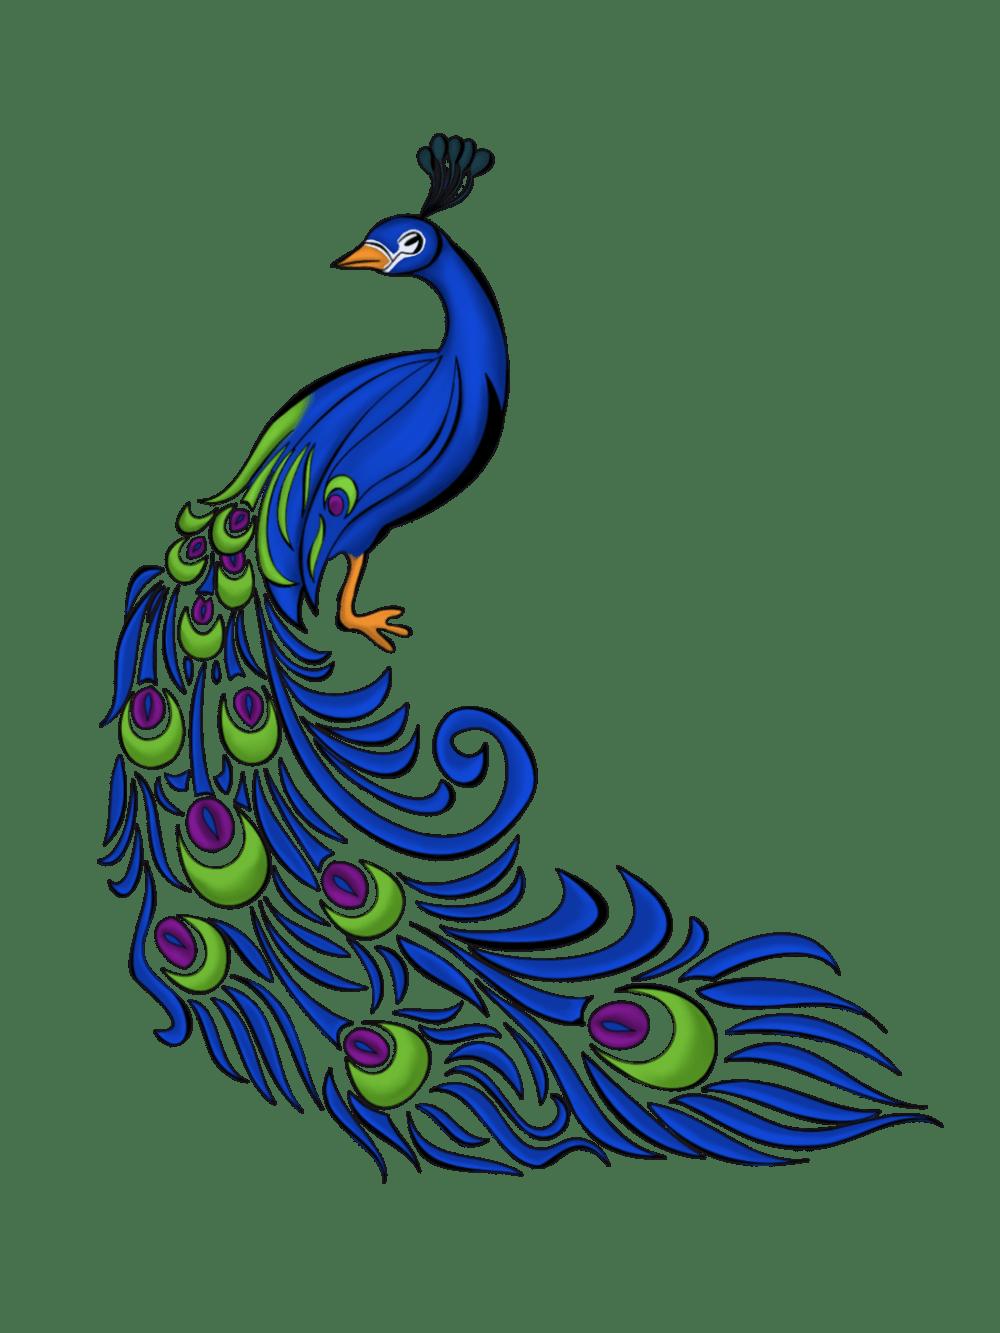 medium resolution of peacock vector art clipart library